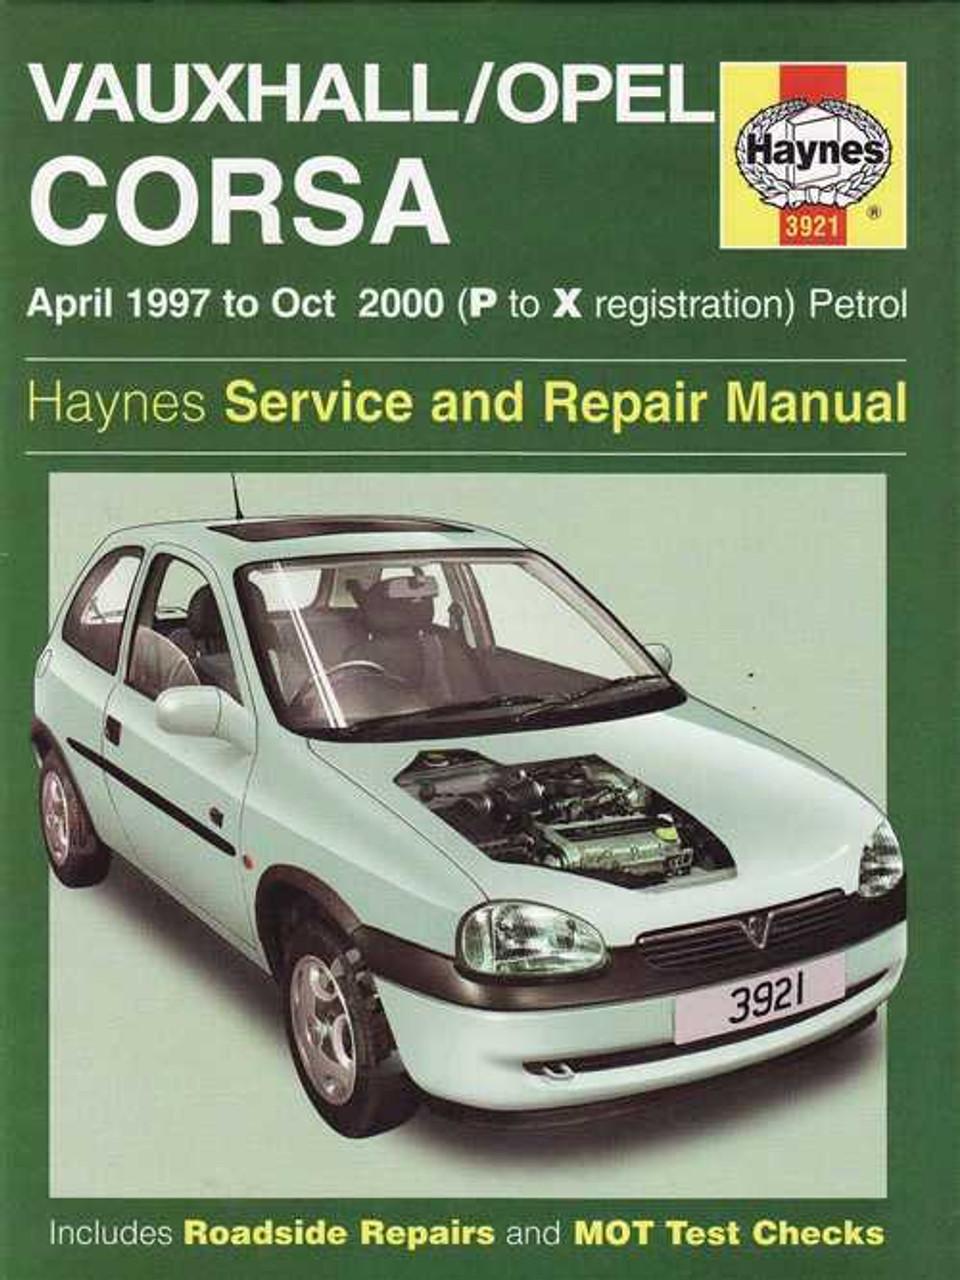 holden barina vauxhall opel corsa petrol 1997 2000 workshop manual rh automotobookshop com au Opel Corsa Bakkie Mpumalanga Opel Corsa Bakkie Sport